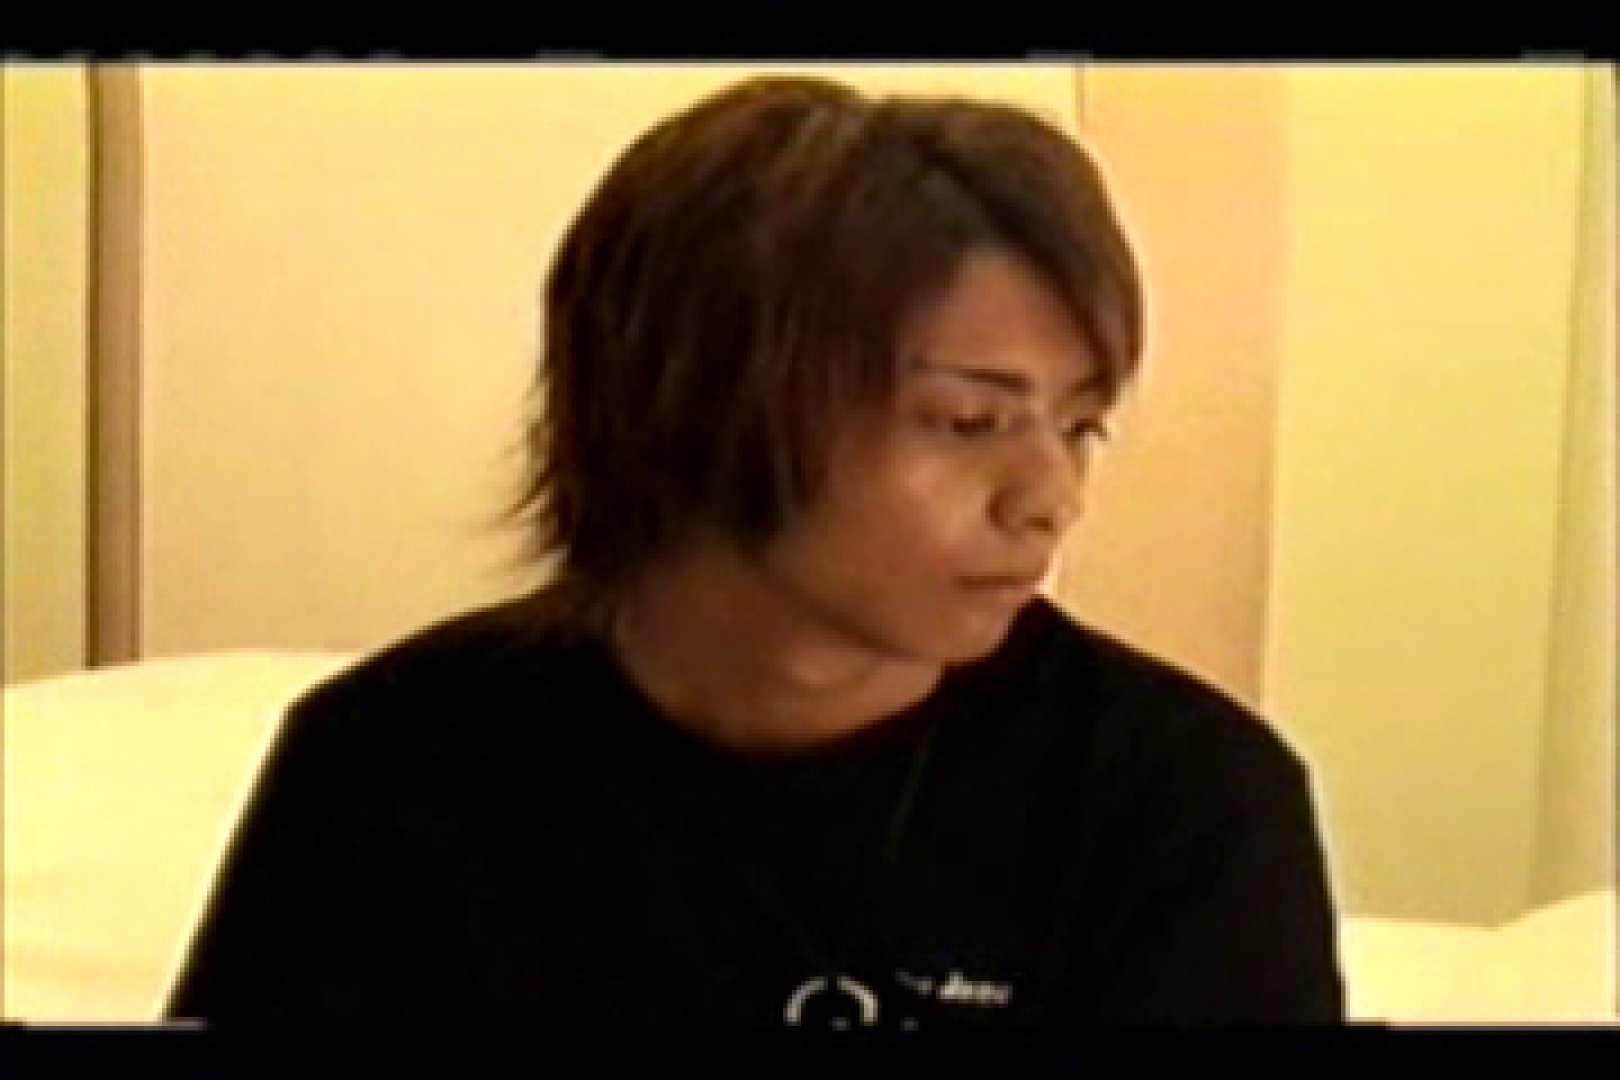 【流出】ジャニ系イケメン!!ぶっ飛びアナルファック!! 茶髪 ゲイAV画像 86枚 52